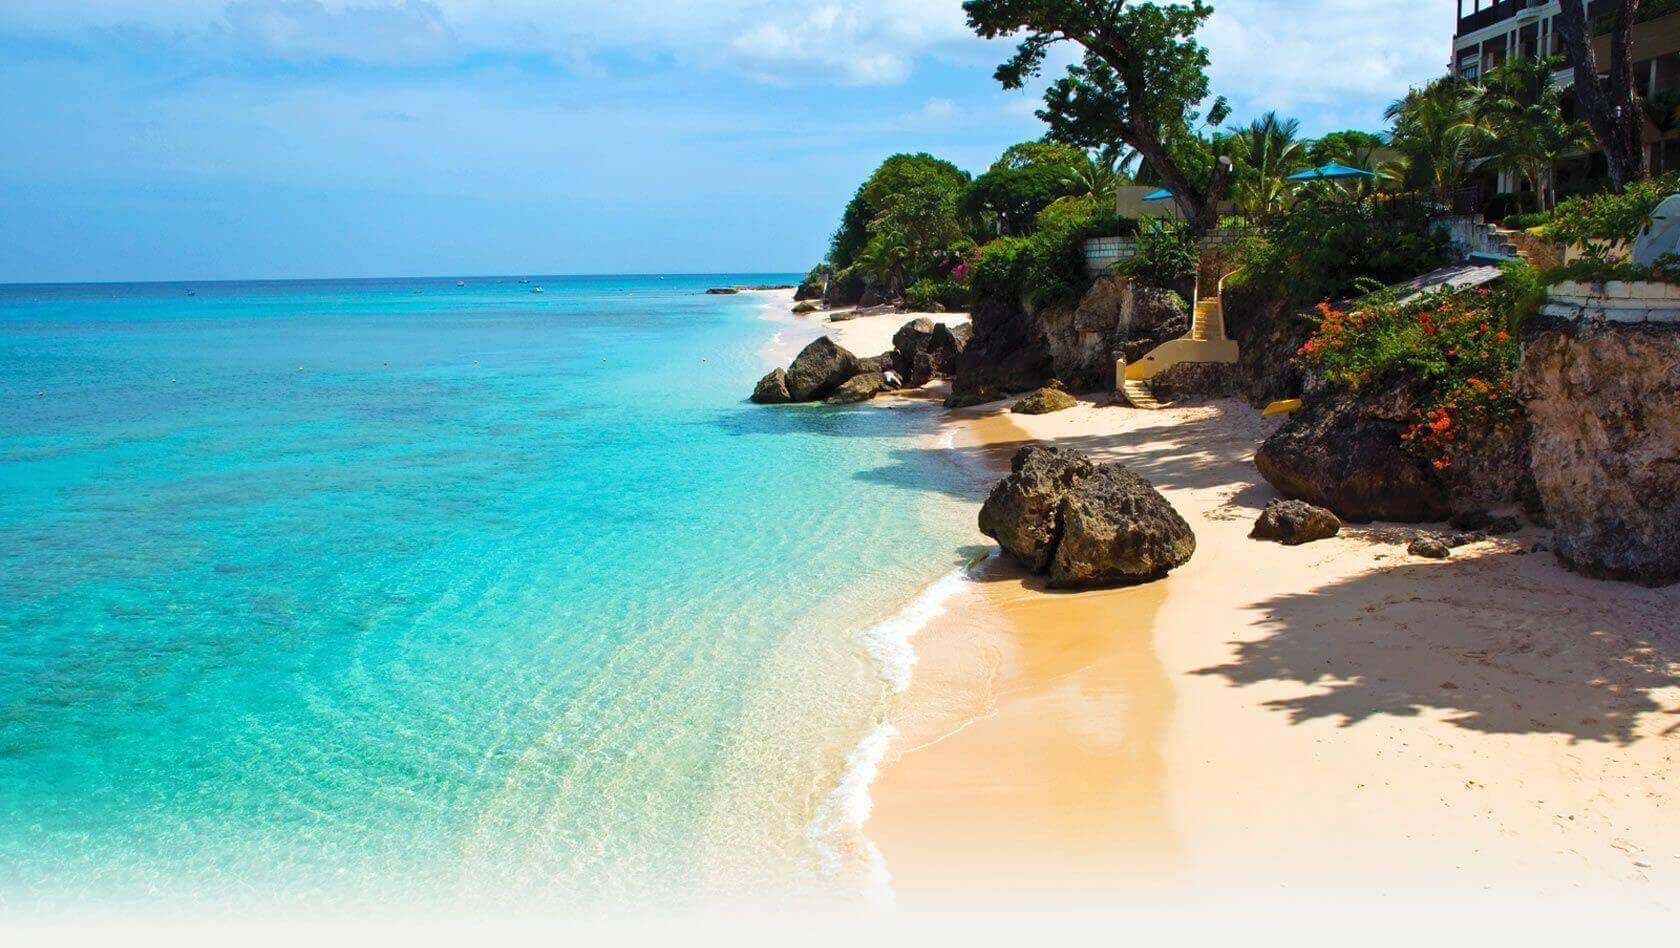 Bathsheba Beach, Barbados best beach destinations around the world